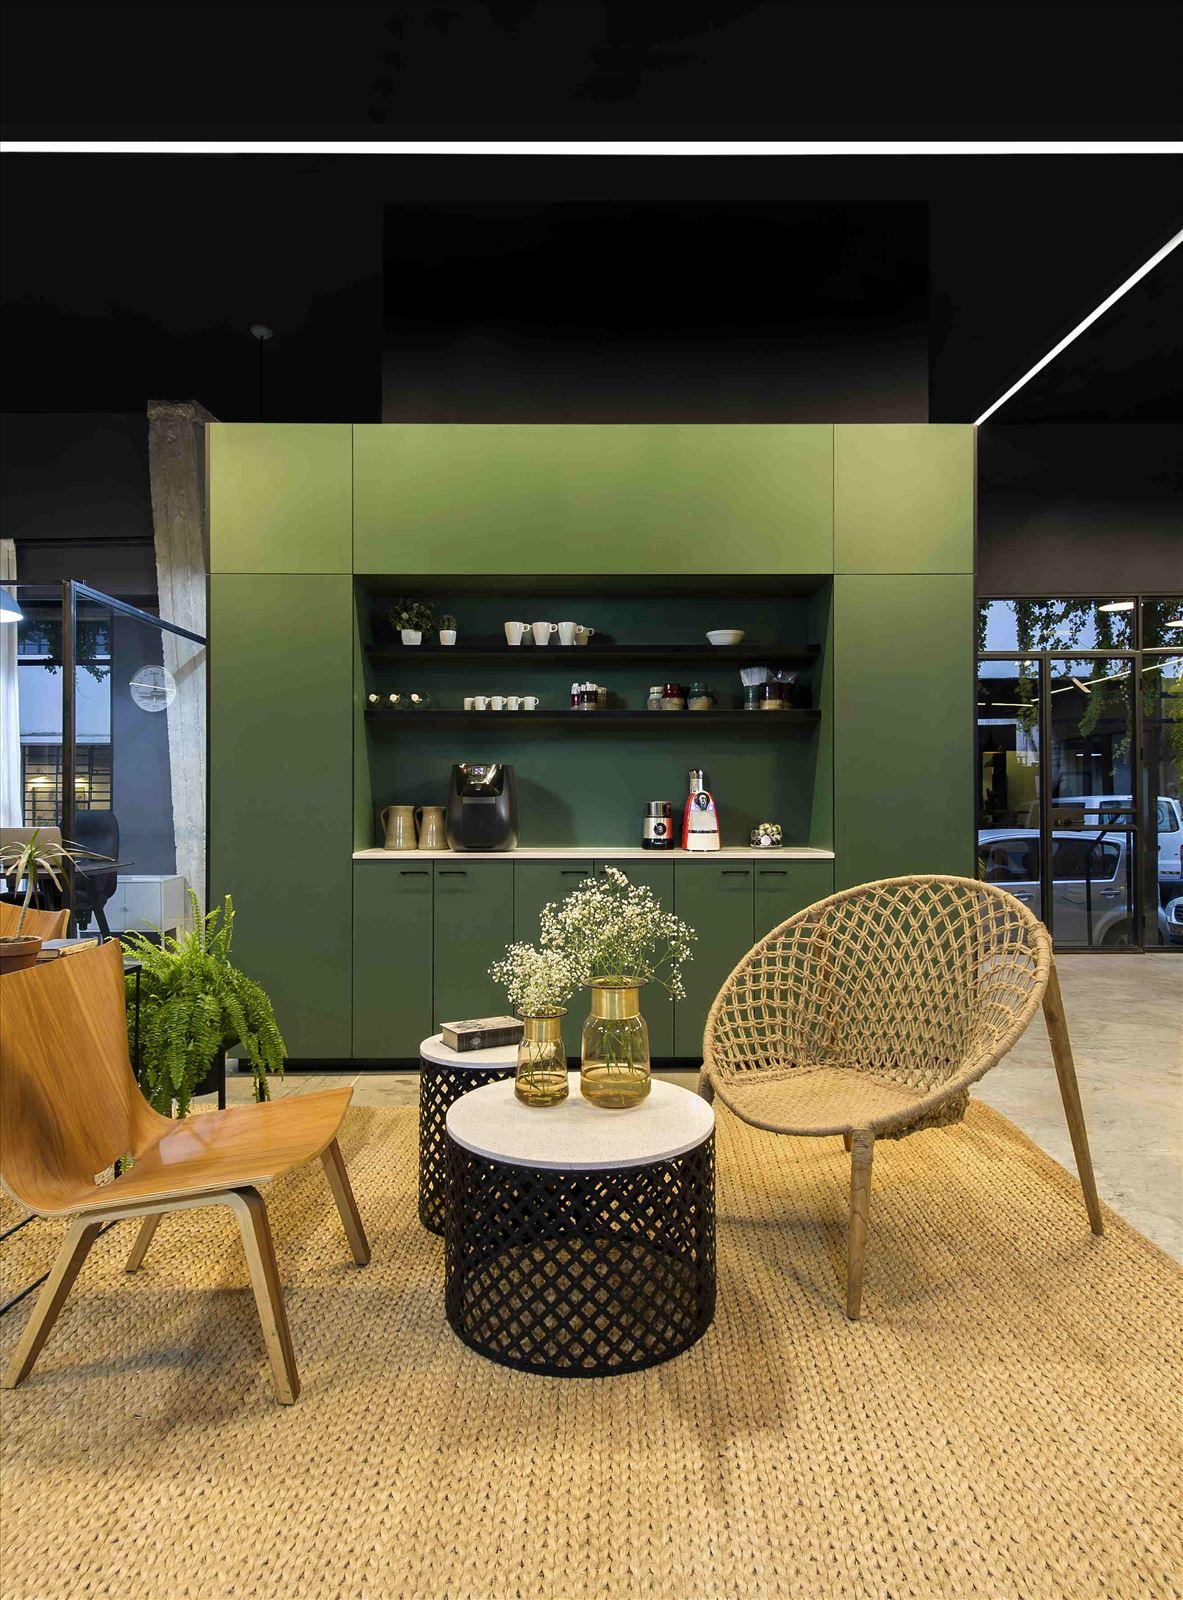 Ewave Offices תאורת המשרד מבית קמחי תאורה אדריכלית